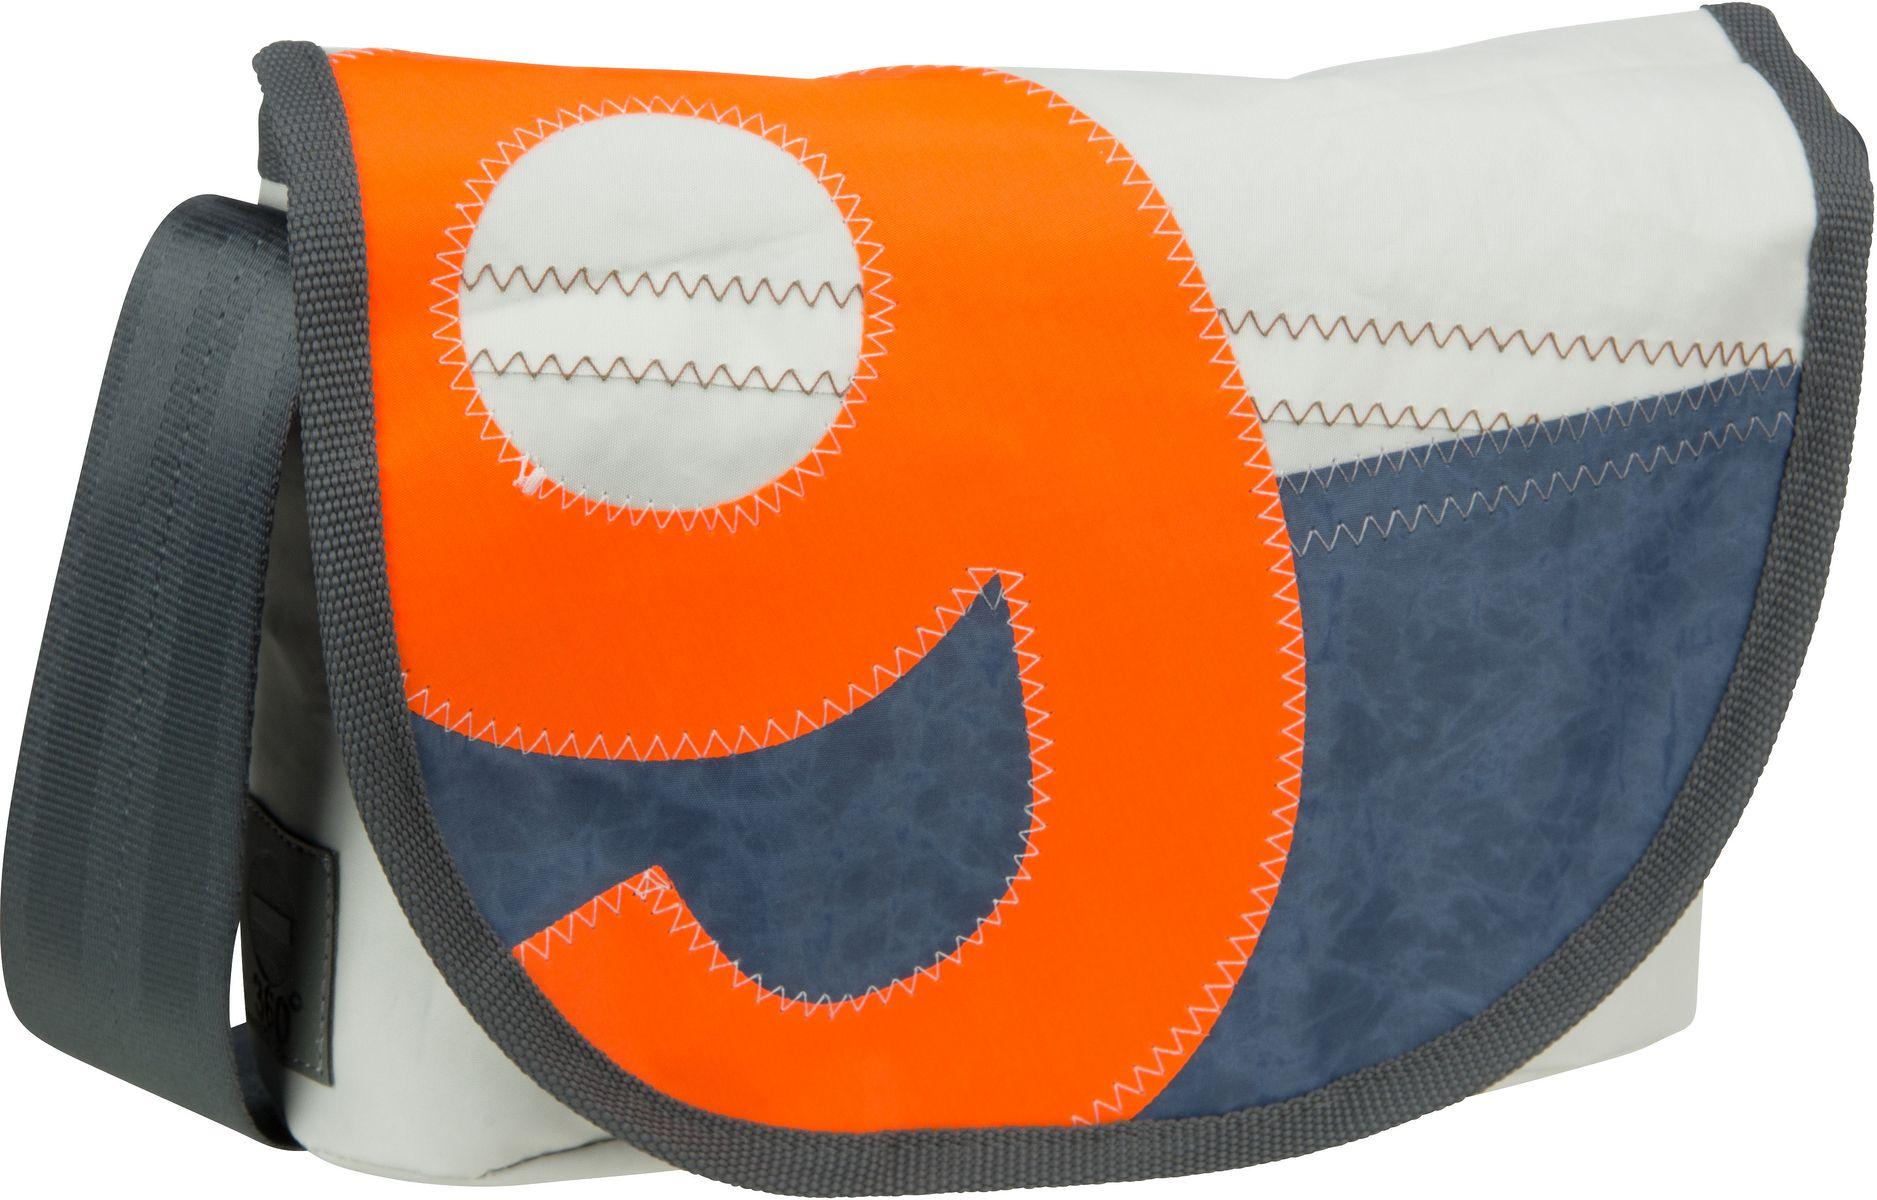 Umhängetasche Perle Blau mit oranger Zahl